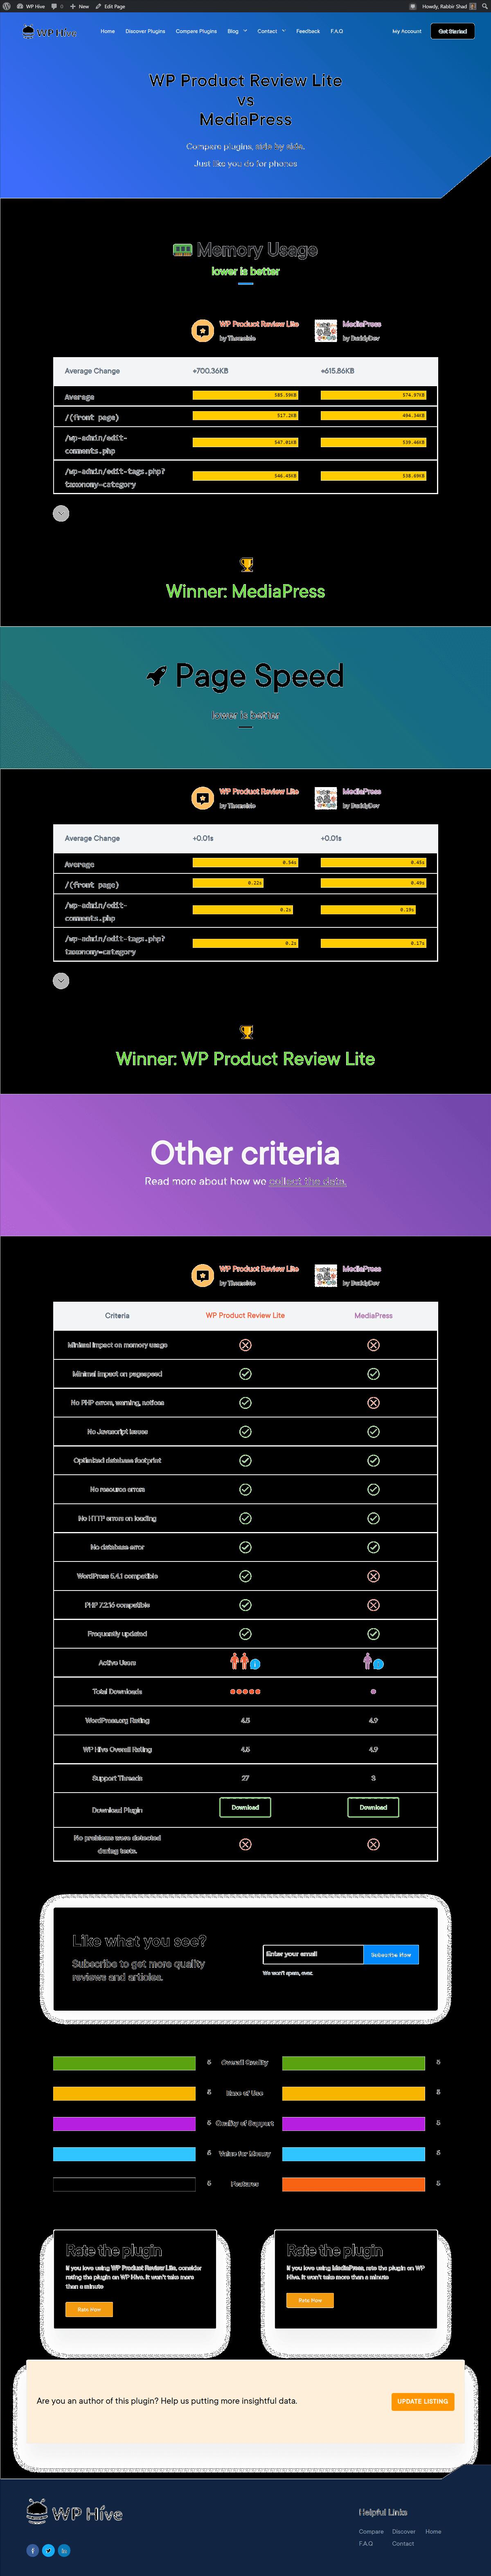 MemberPress vs WP Product Review Lite